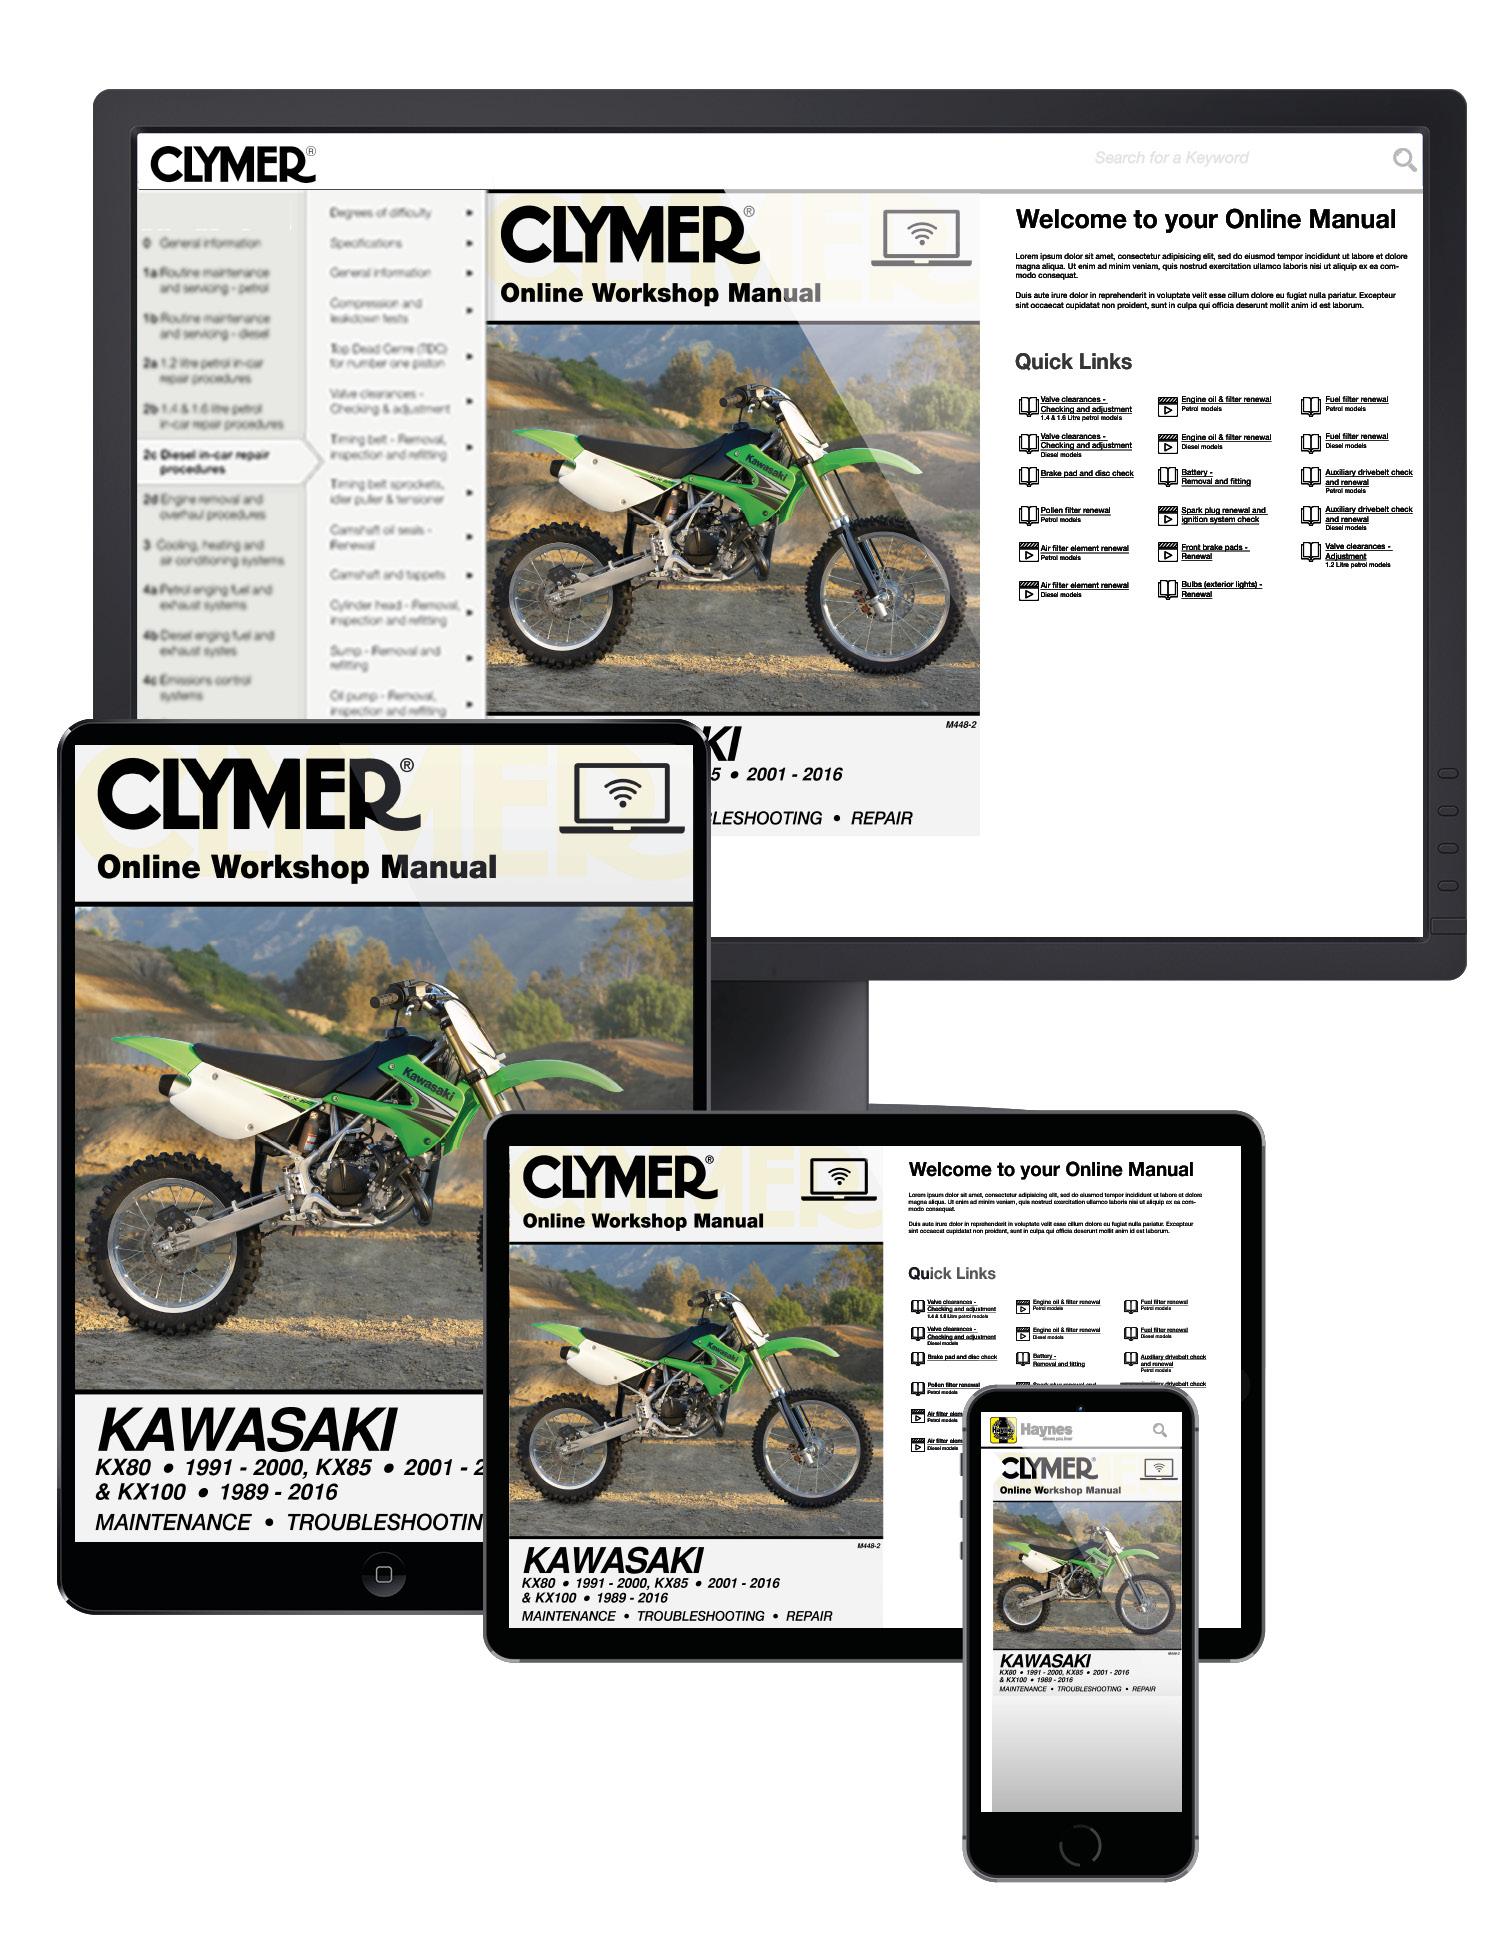 Manual cover for Kawasaki KX80 (1991-2000), KX85/85-II (2001-2016) & KX100 (1989-2016) Service Repair Manual Online Manual